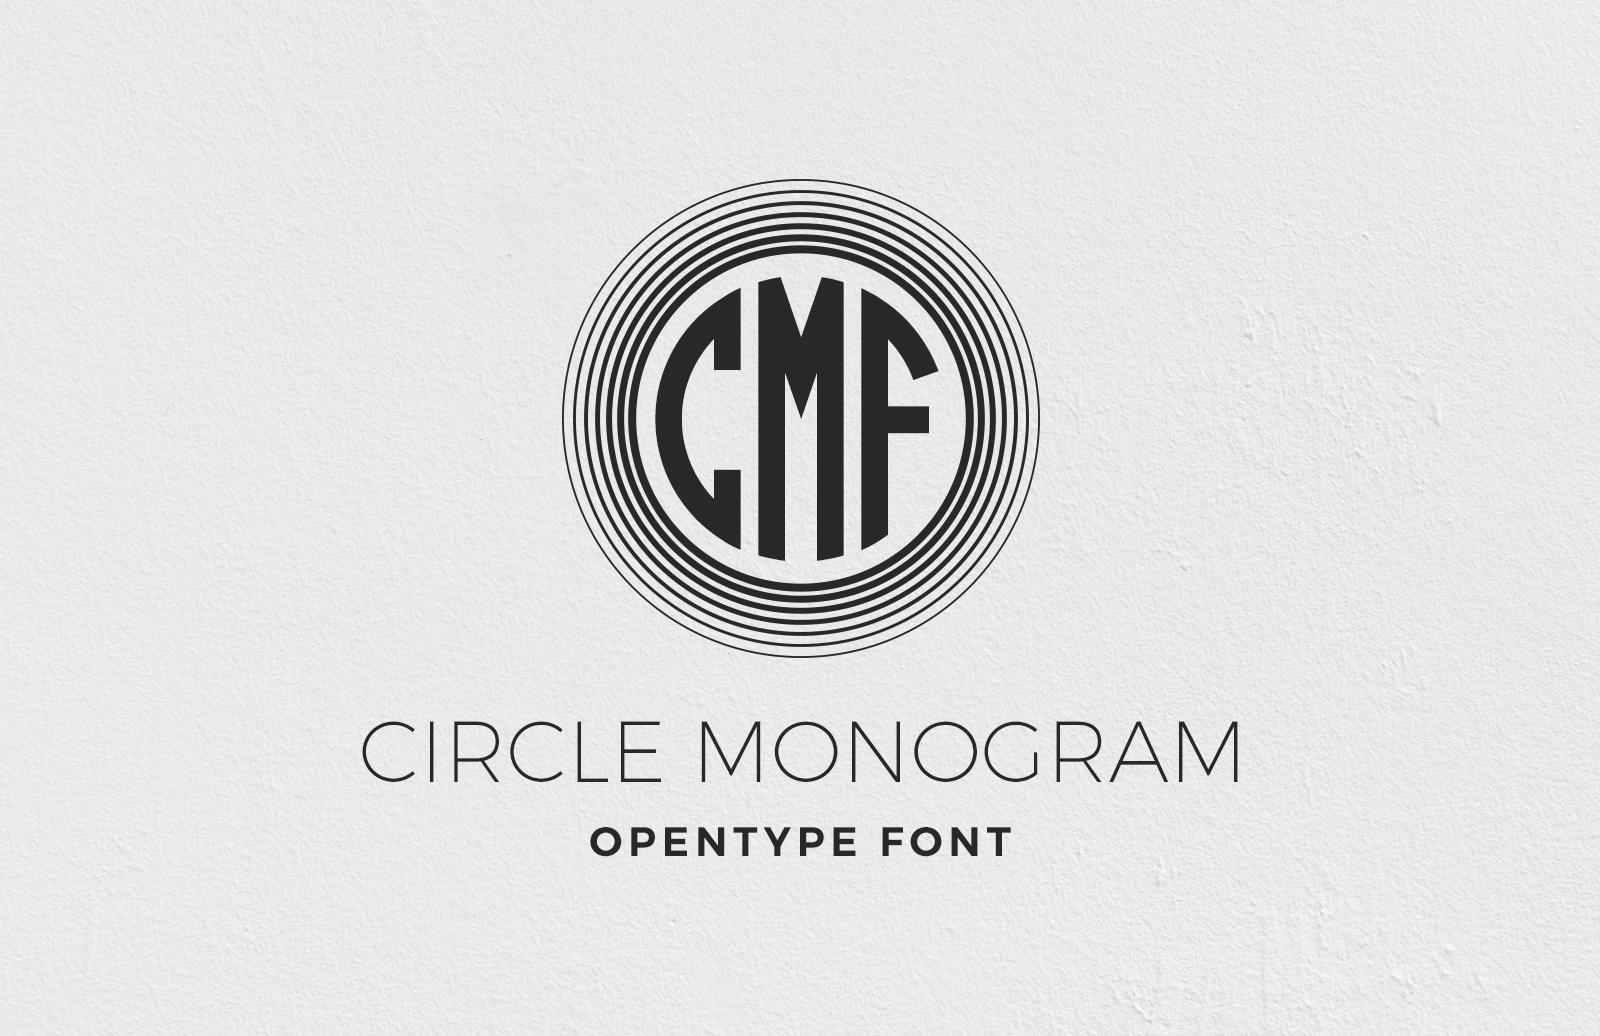 Circle Monogram Font 1